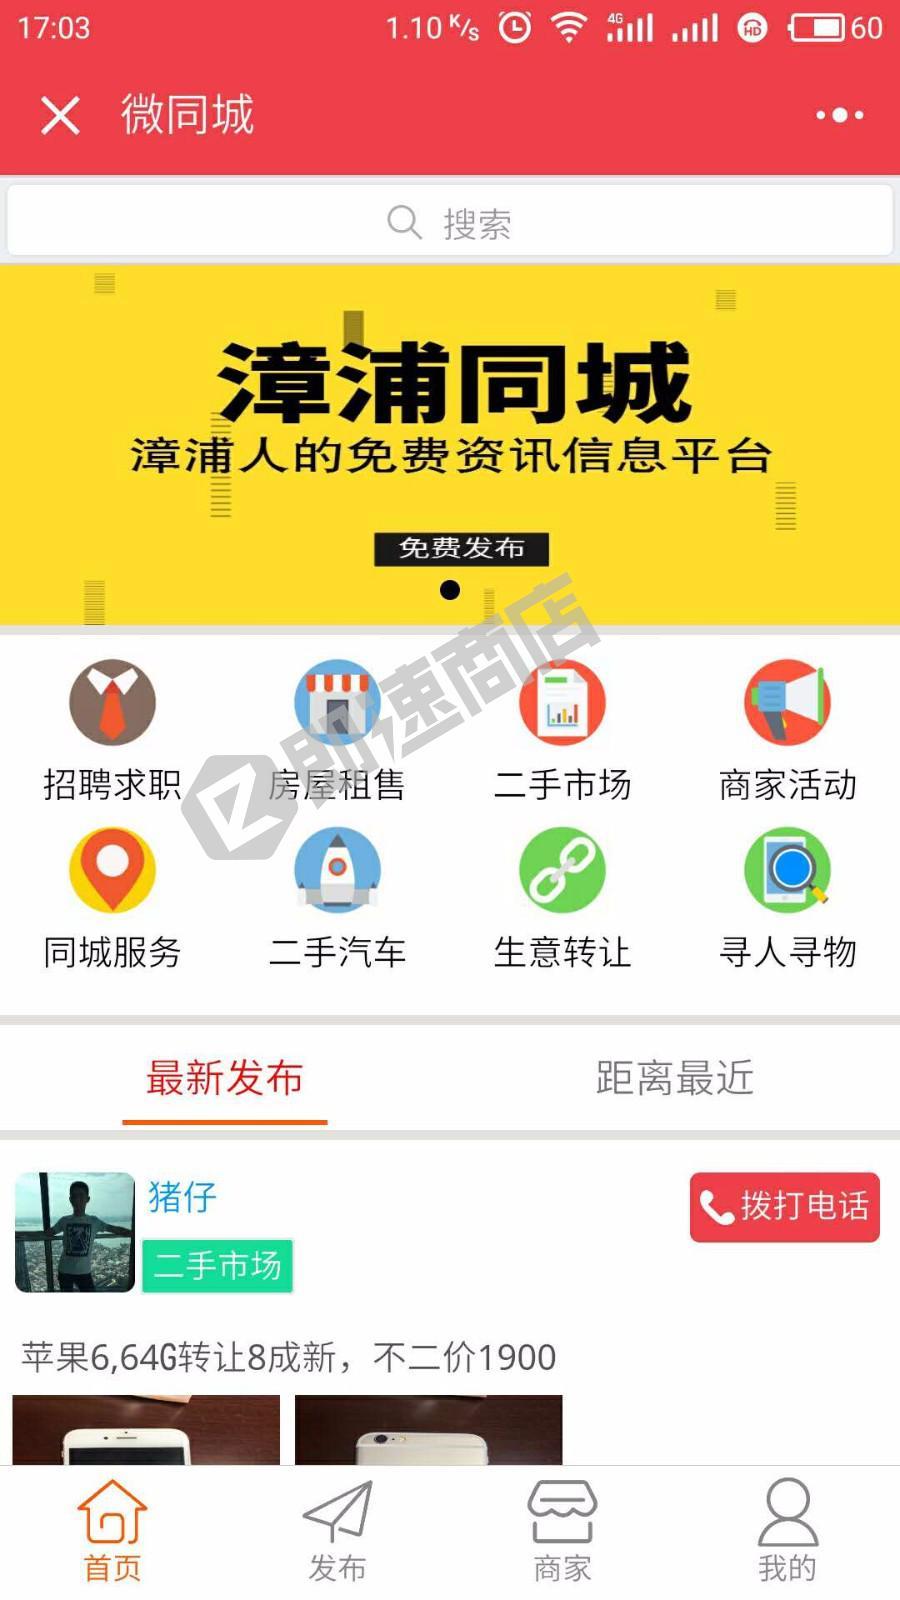 漳浦同城社区小程序首页截图